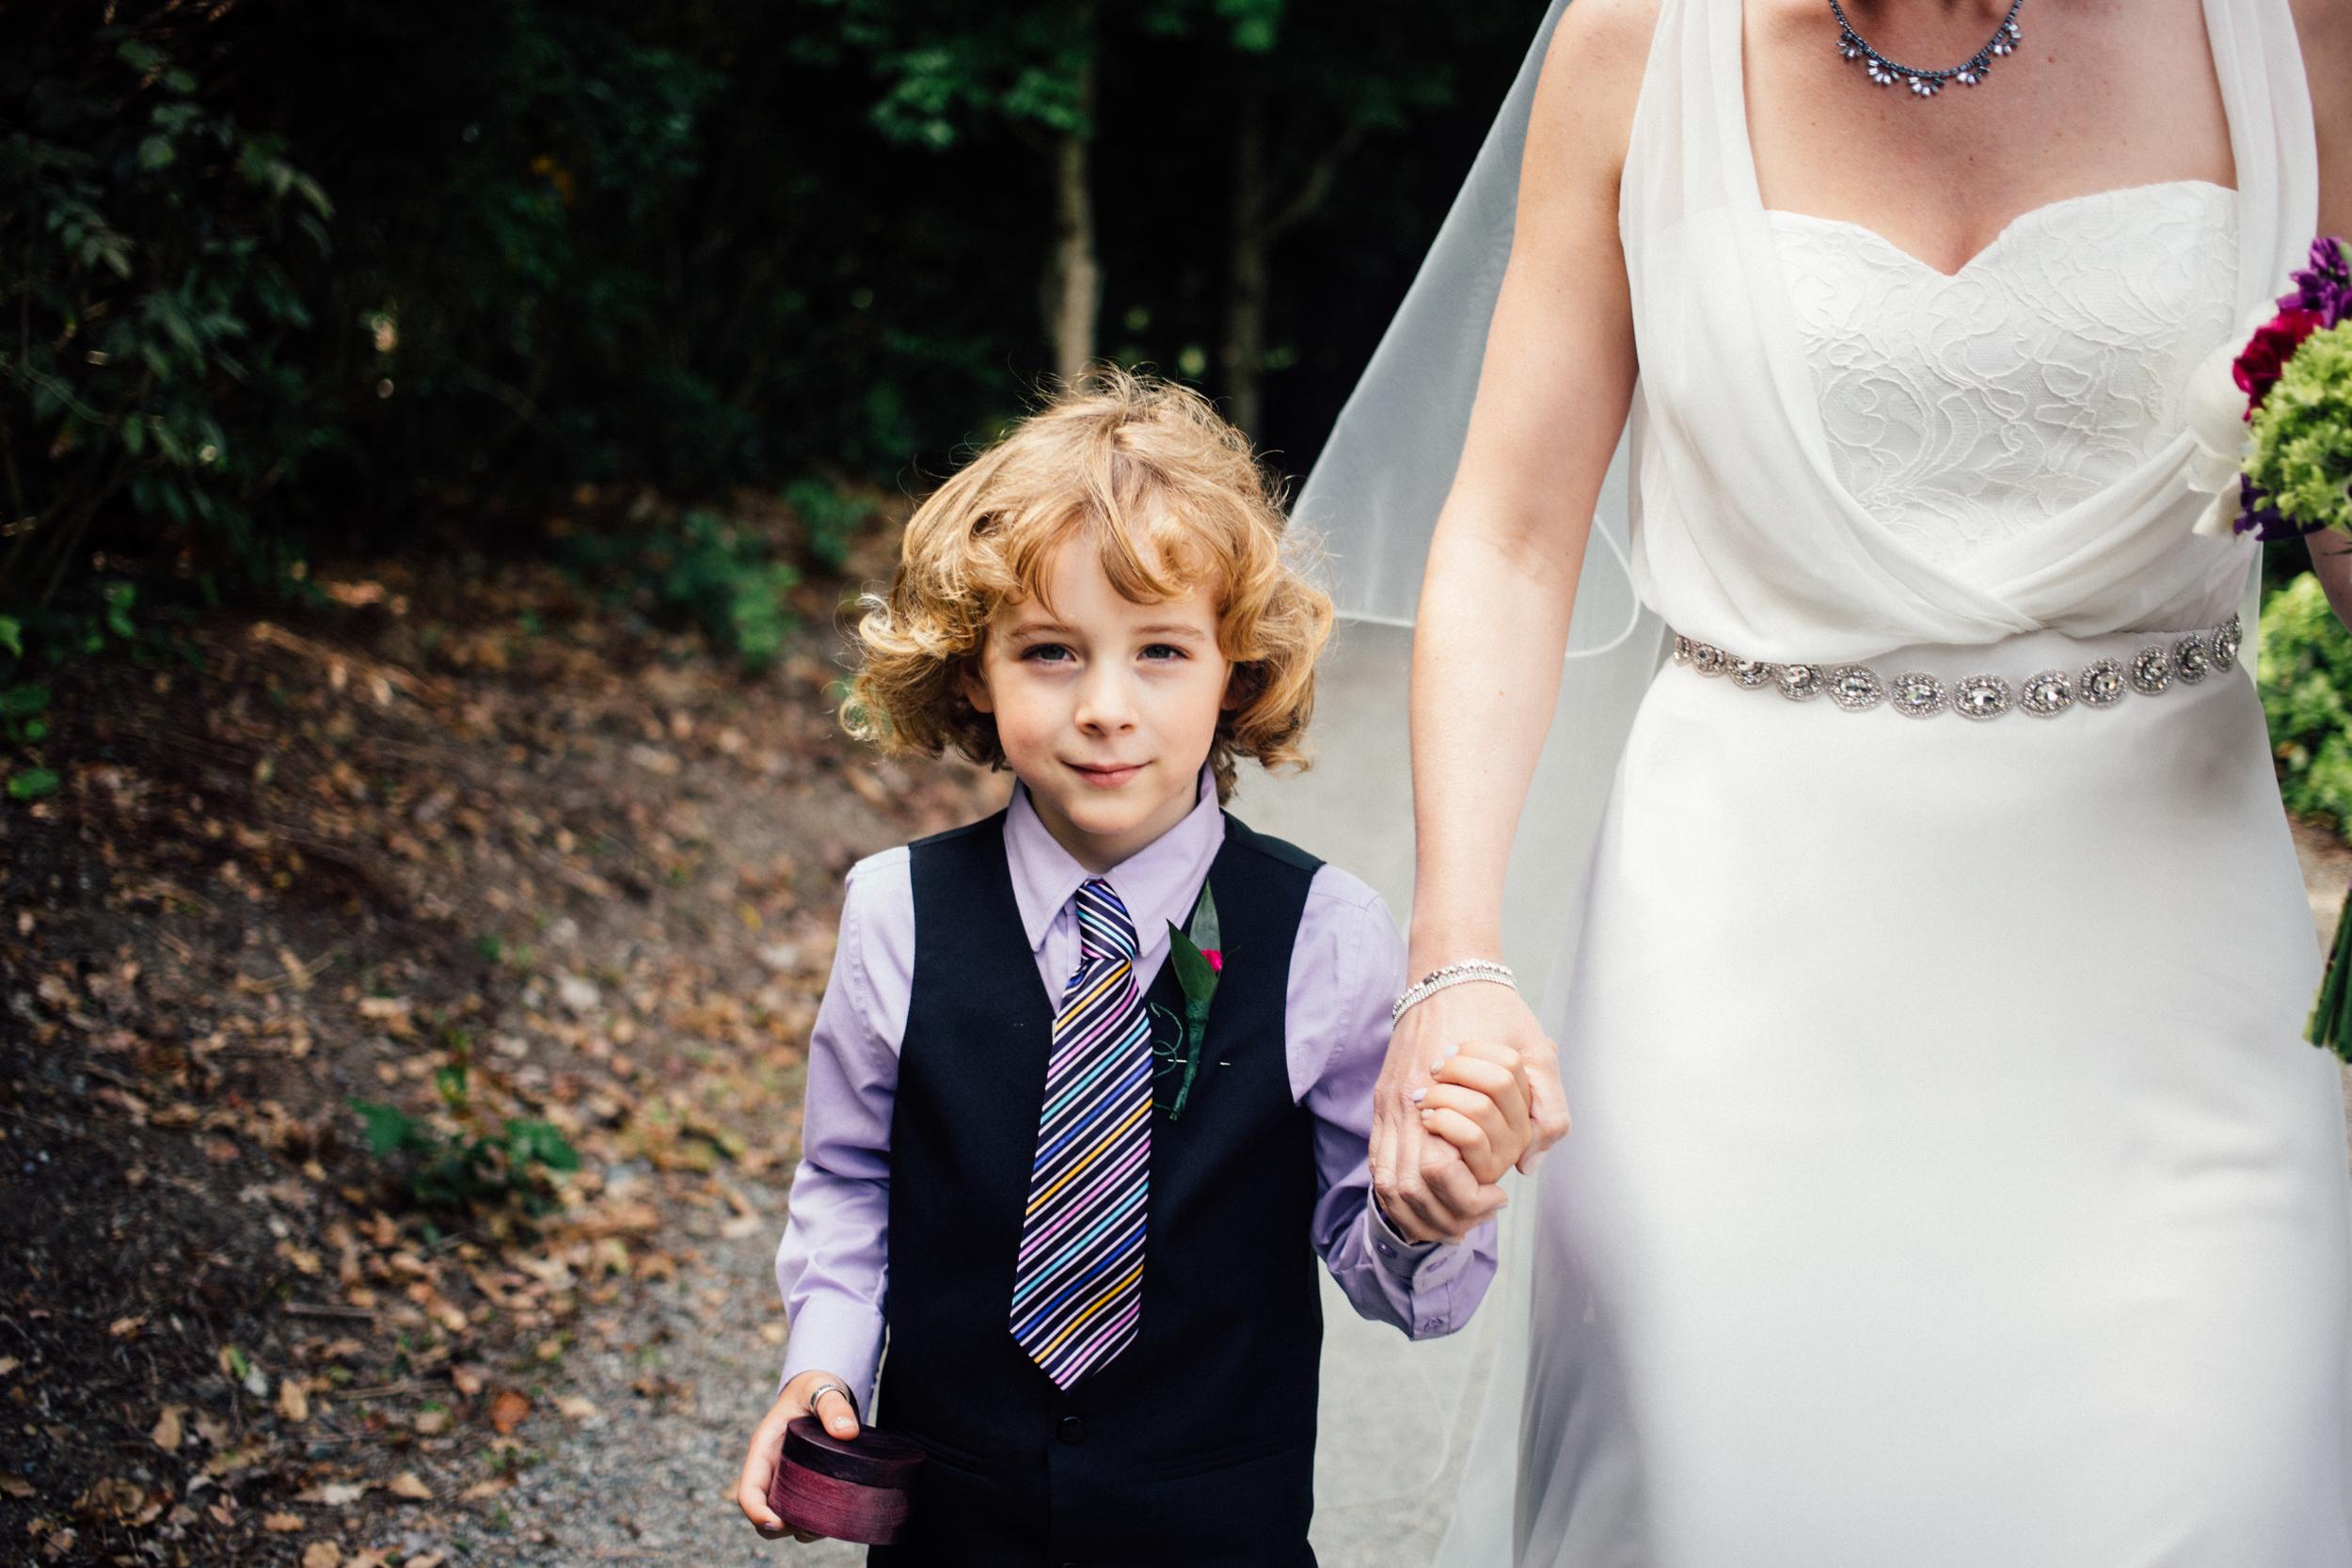 dogwoodphotography_photographer_vancouver_wedding_kimberley (38 of 180).jpg